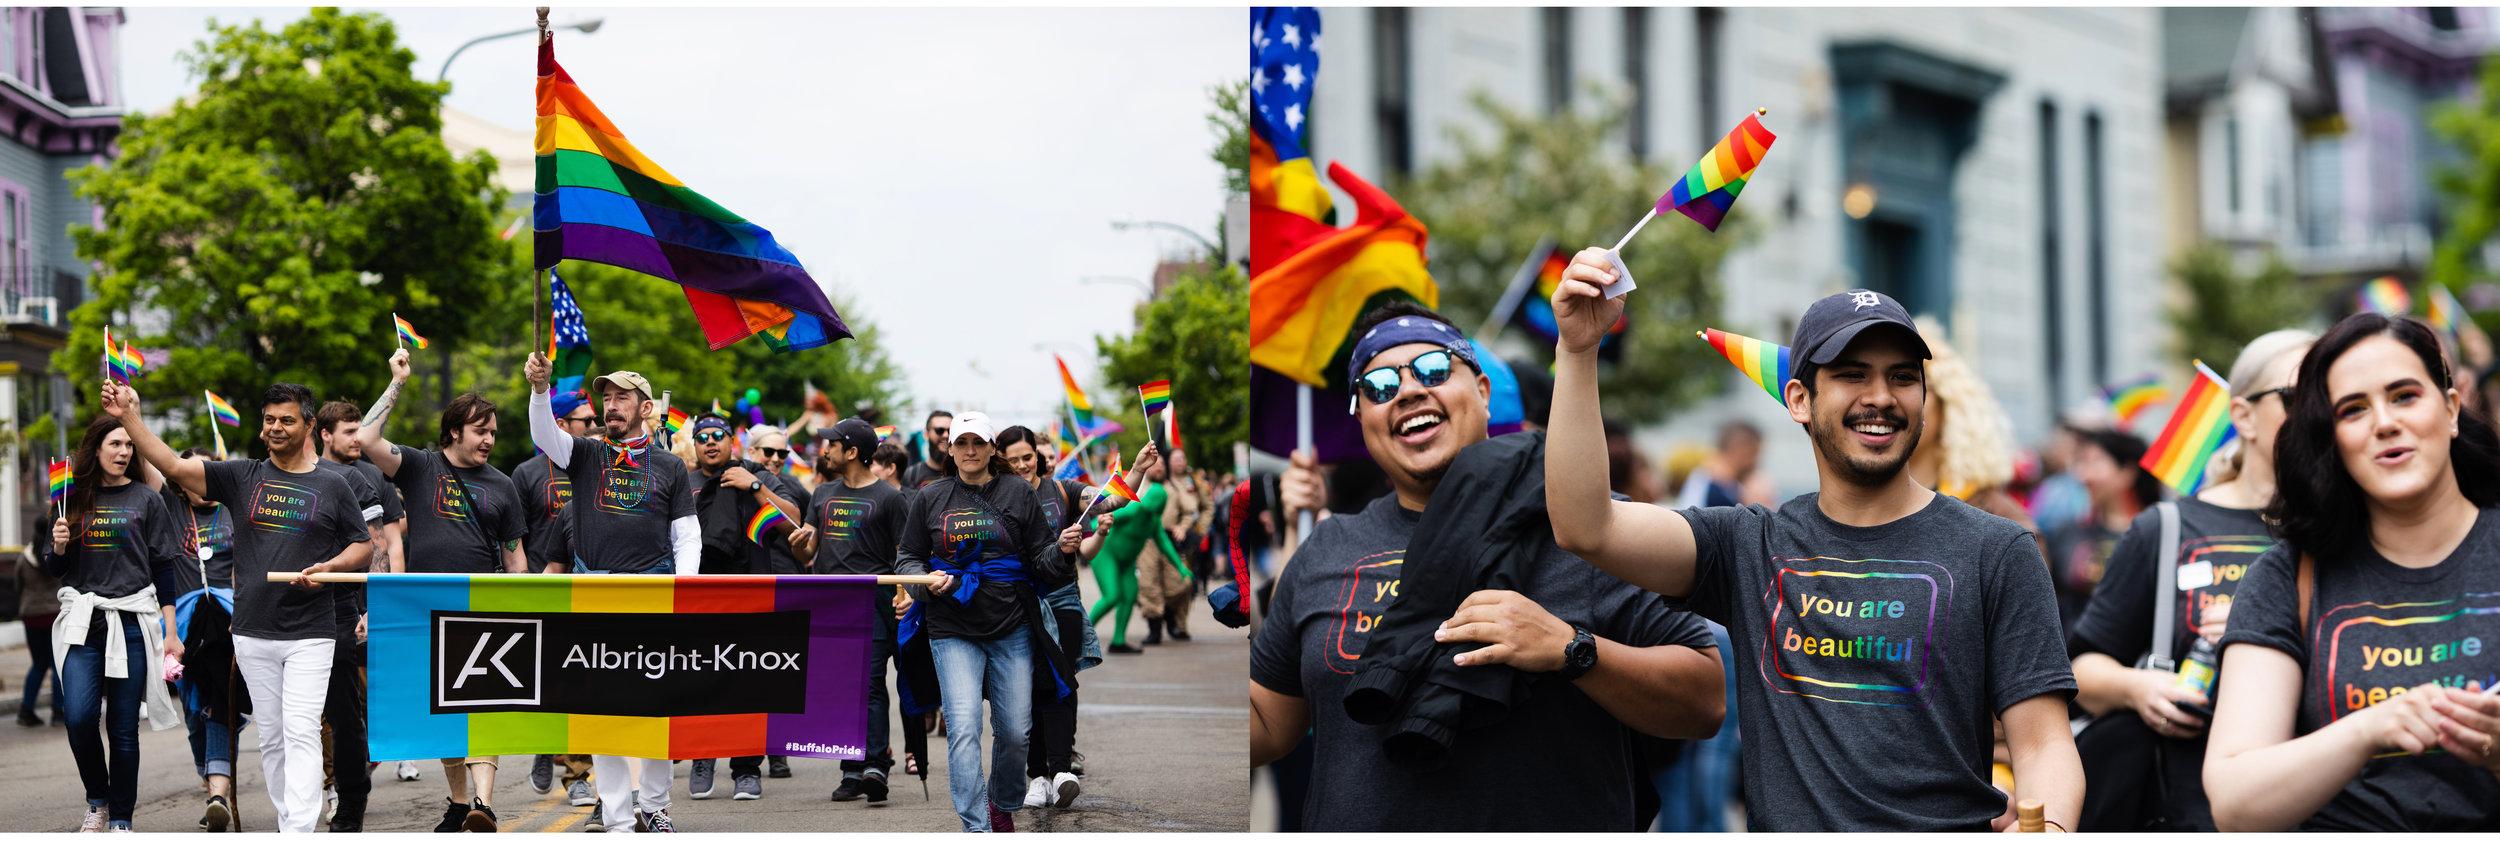 pride_2019_blog_07.jpg